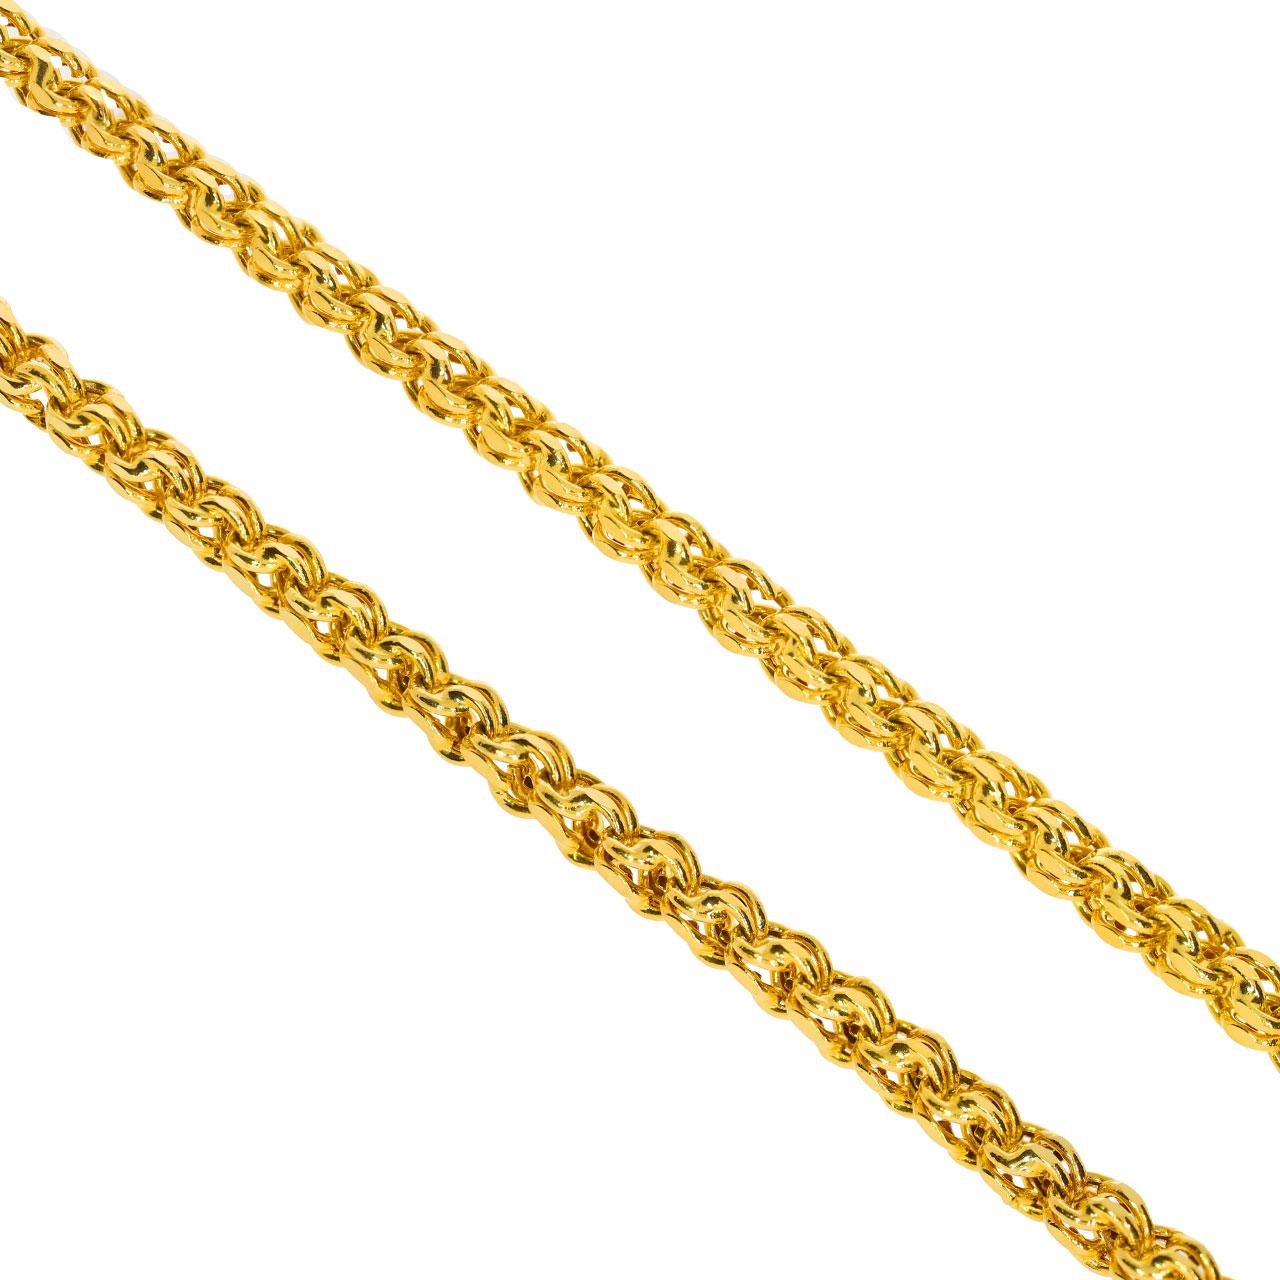 Unisex Güverseli Altın Zincir 14 Ayar